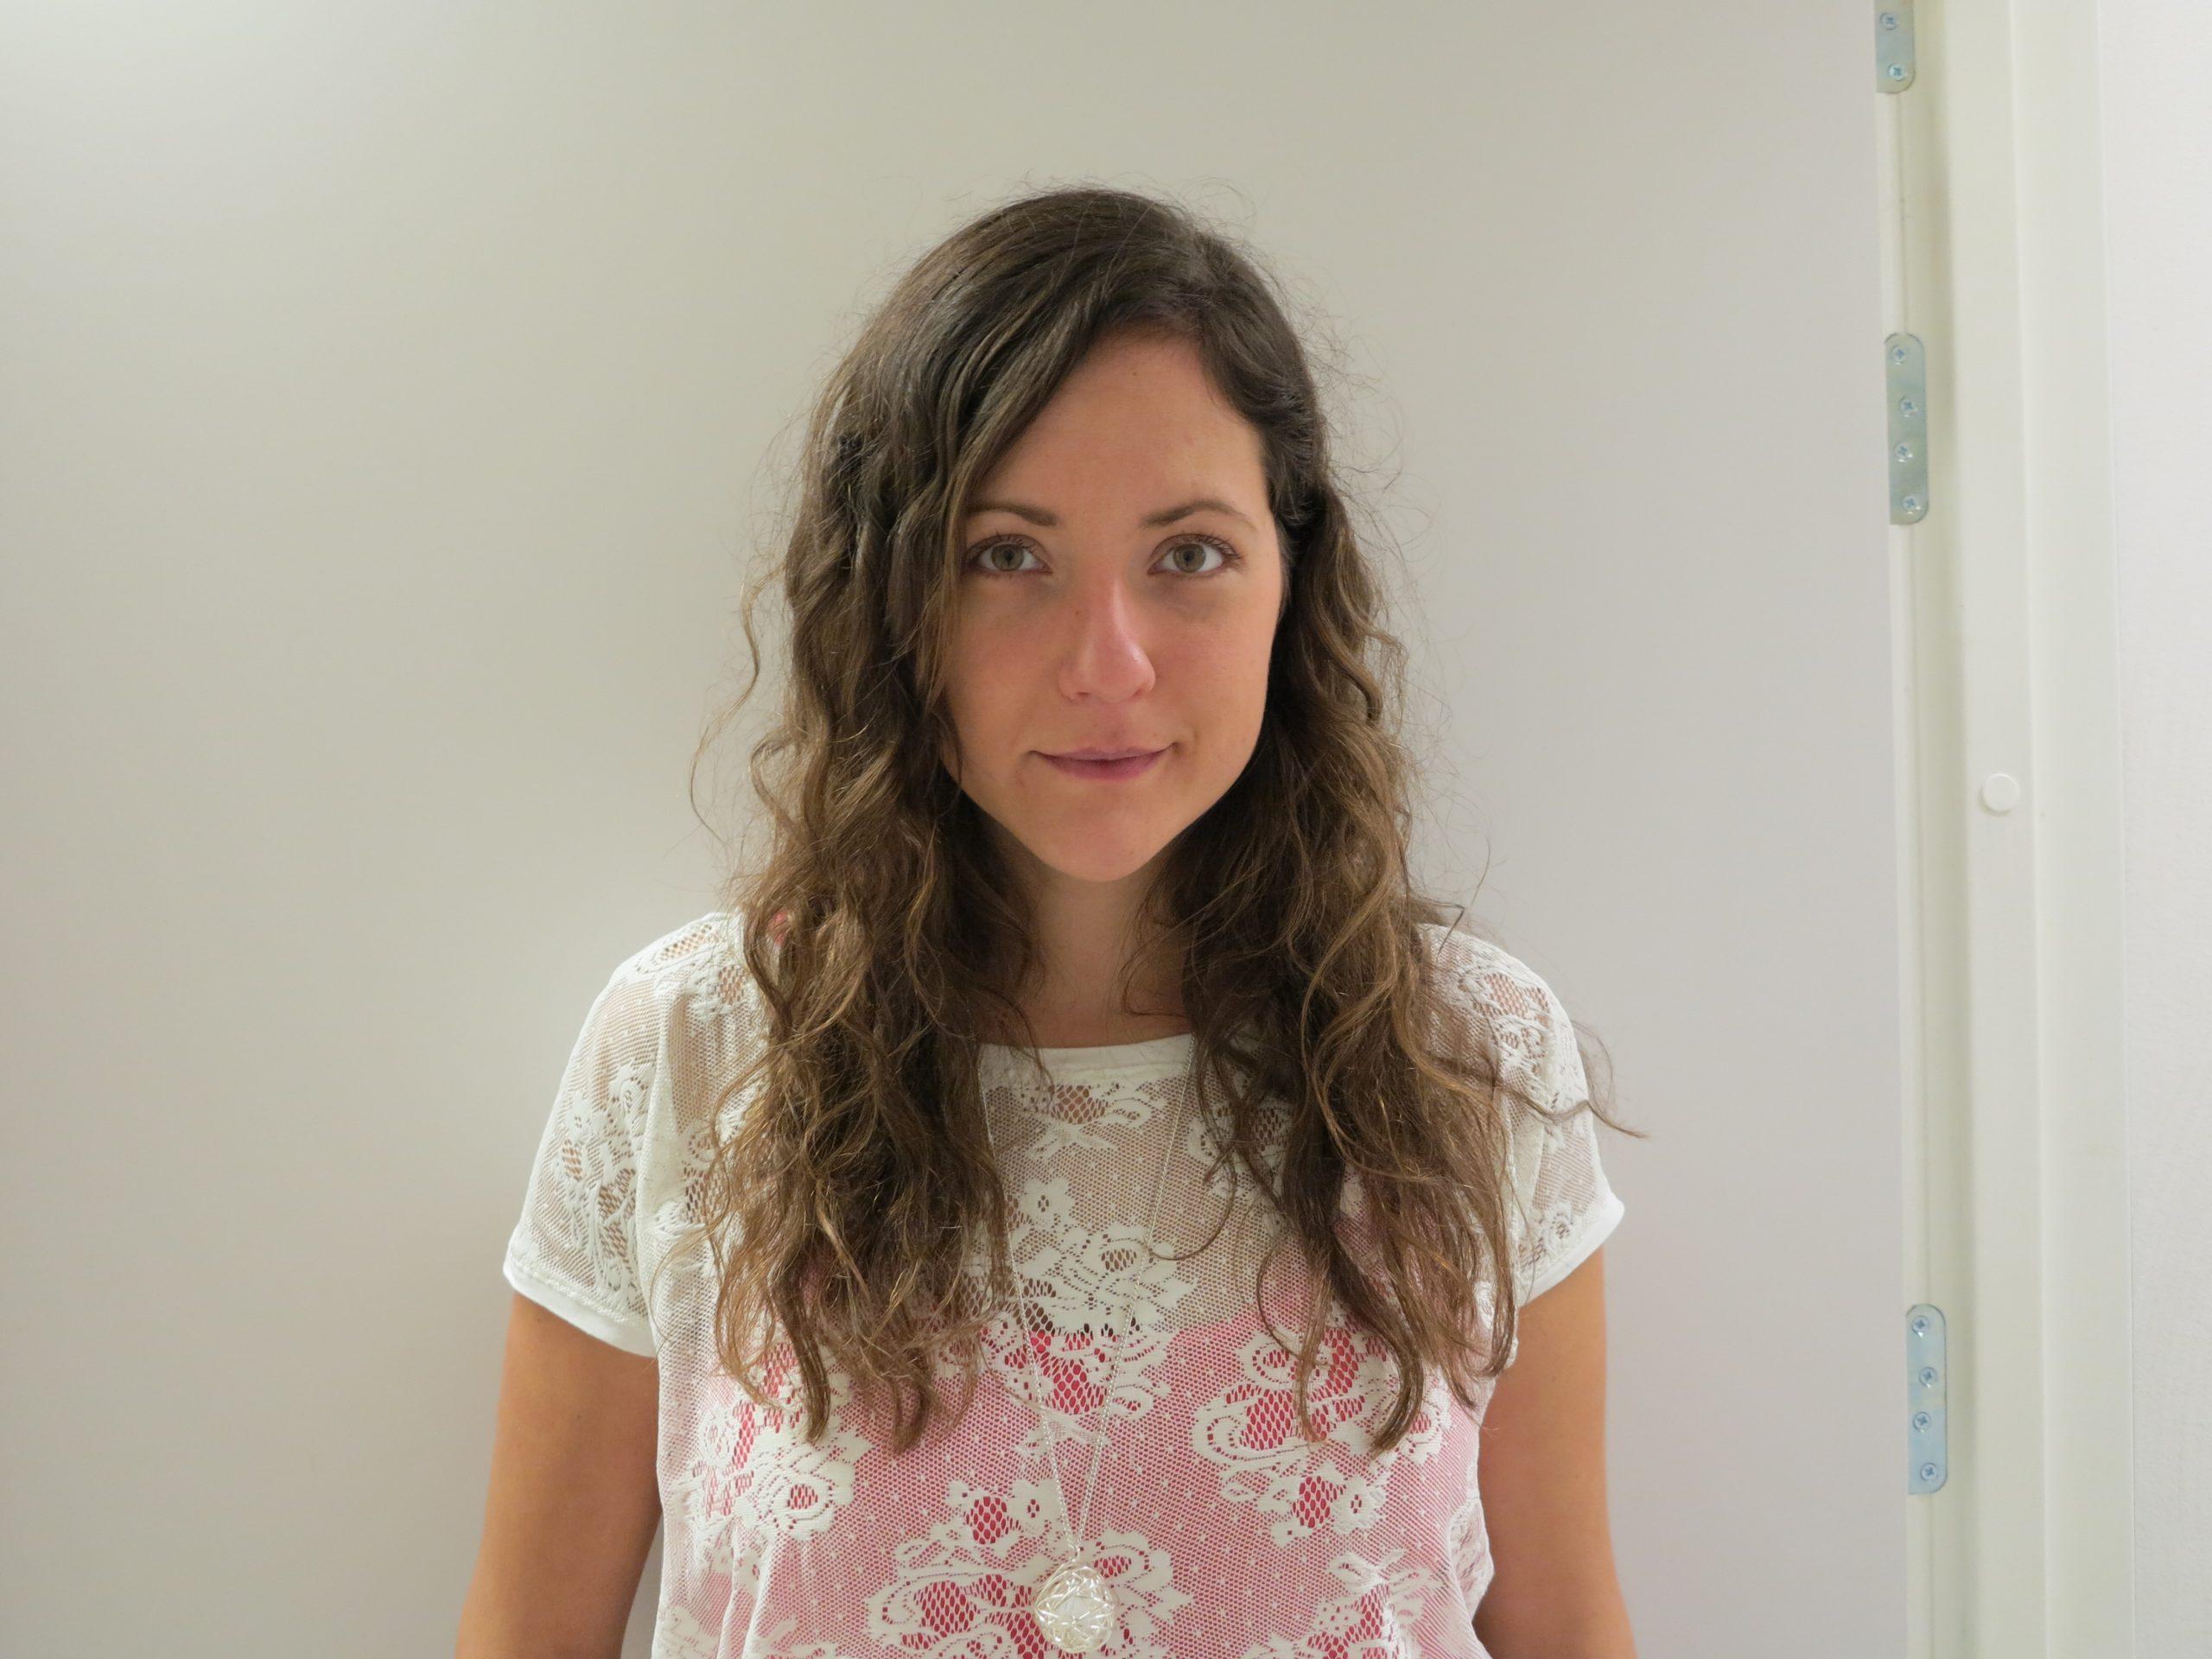 Emma Varga med långt utslaget hår och vit blus.